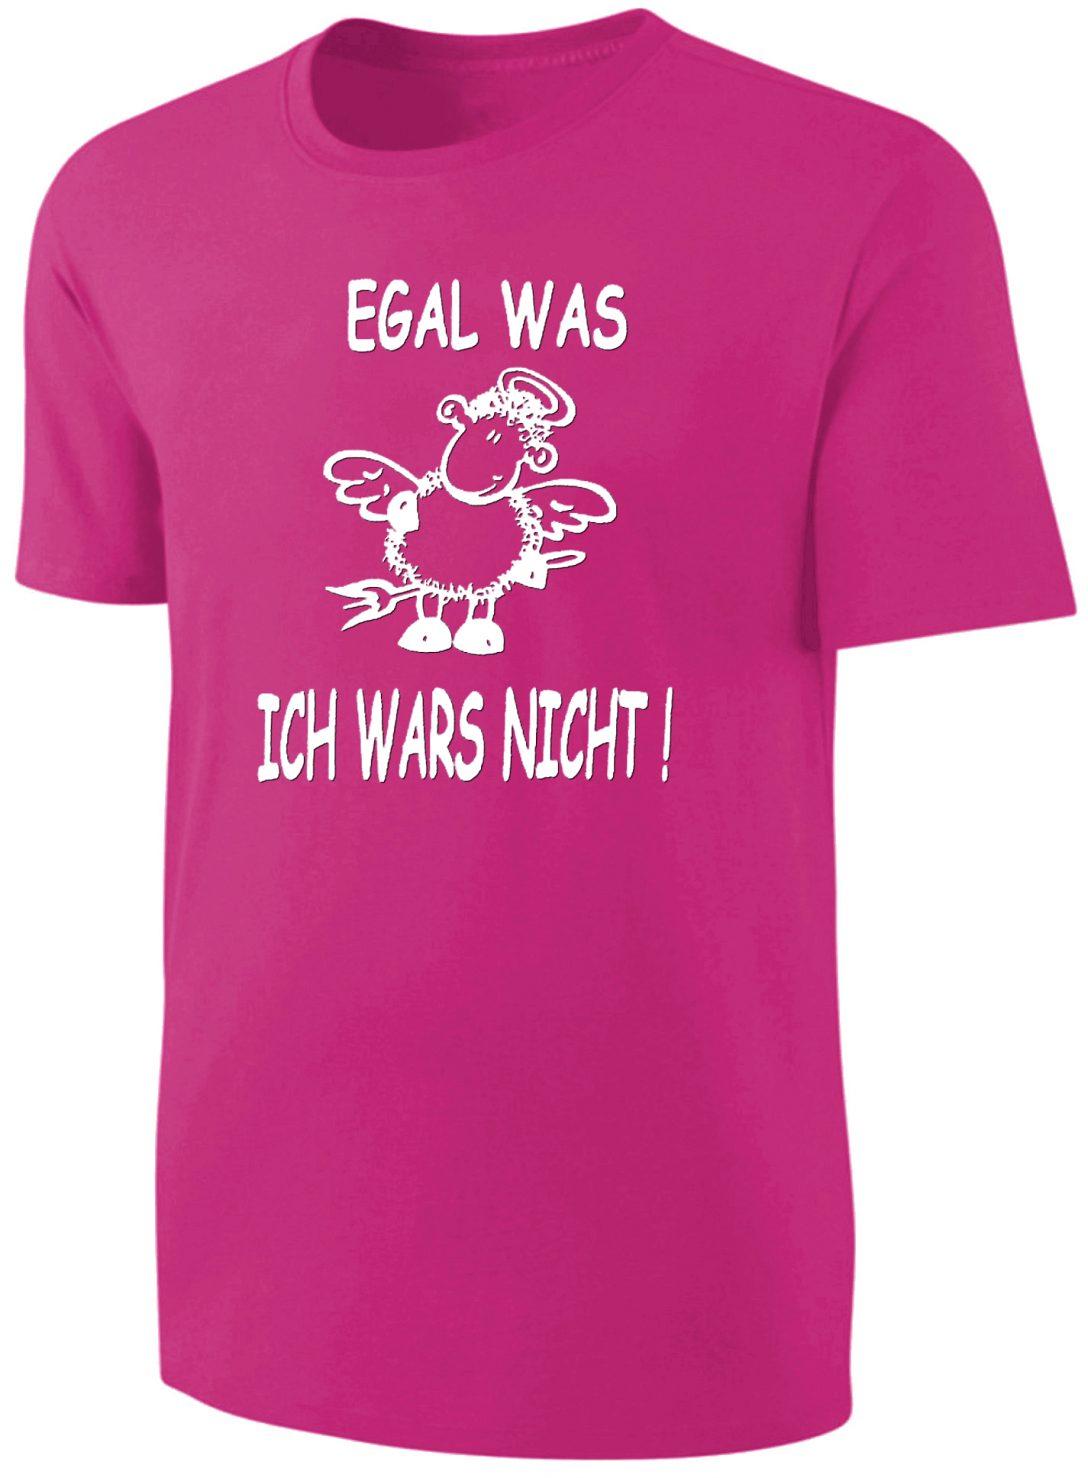 Large Size of Krankenschwester Sprüche T Shirt Fussball Sprüche T Shirt Sprüche T Shirt 40 Geburtstag Landwirtschaft Sprüche T Shirt Küche Sprüche T Shirt